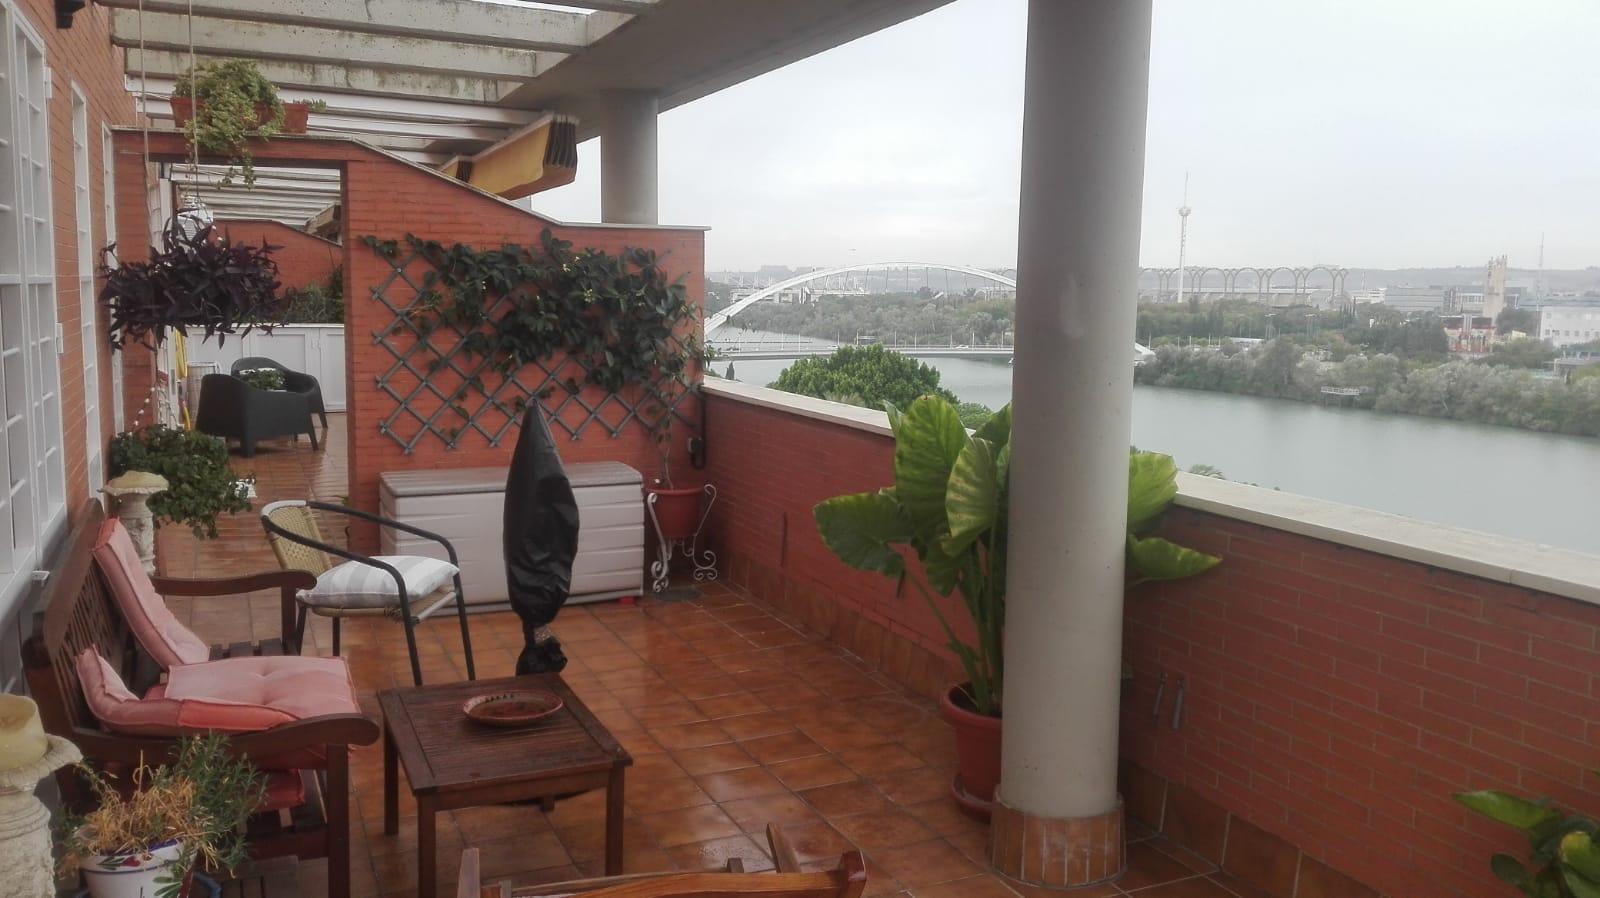 Bonito atico en venta con magnífica terraza y vistas al río en Sevil